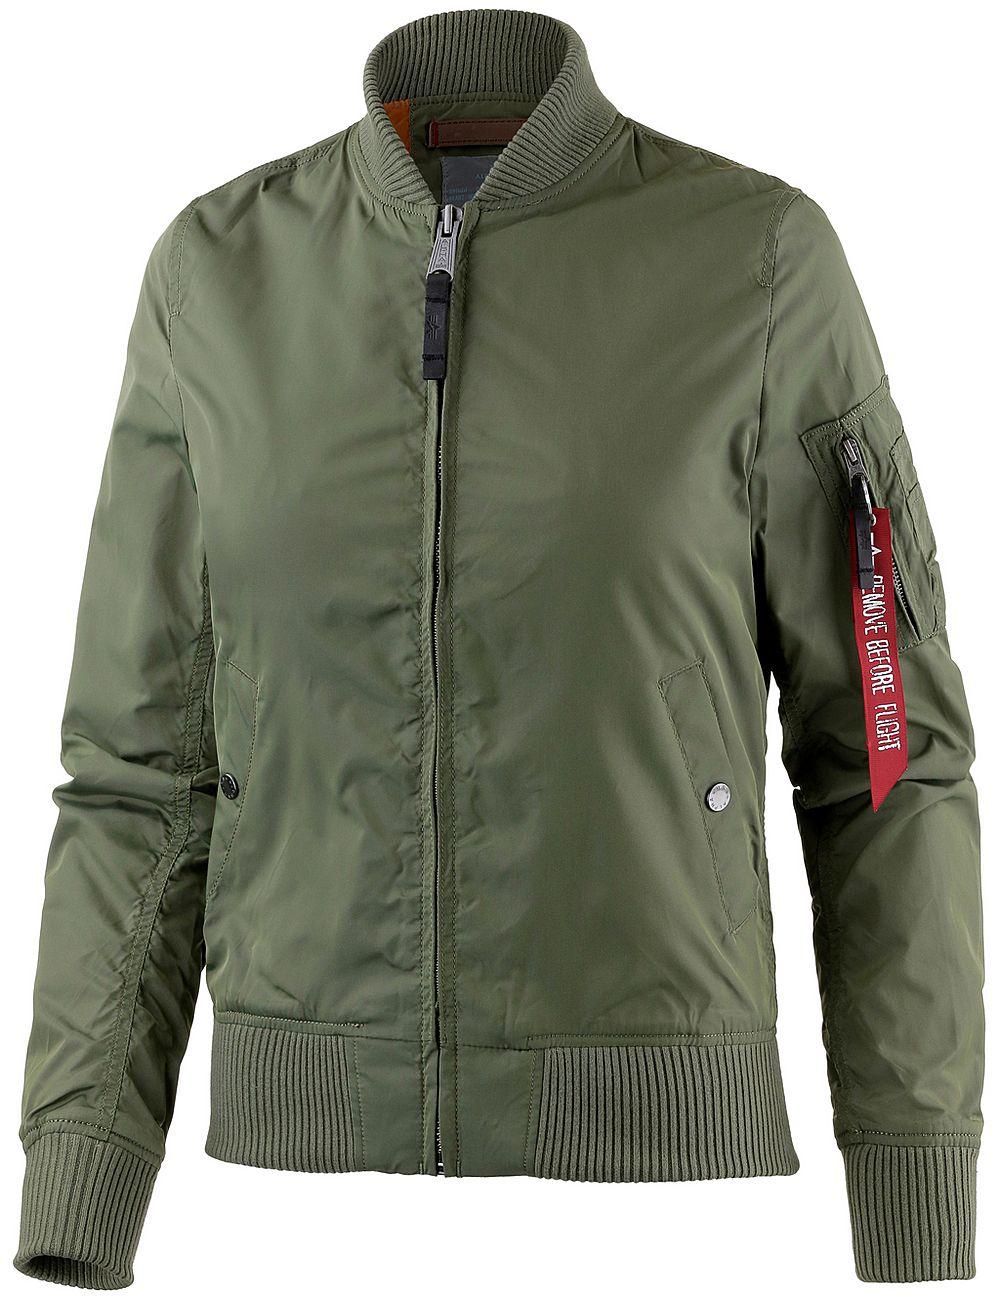 Nur noch heute 20% auf ausgewählte Streetwear und Sneakers bei Sportscheck (auch Sale), z.B. Alpha Industries Bomberjacke MA-1 TT für Damen